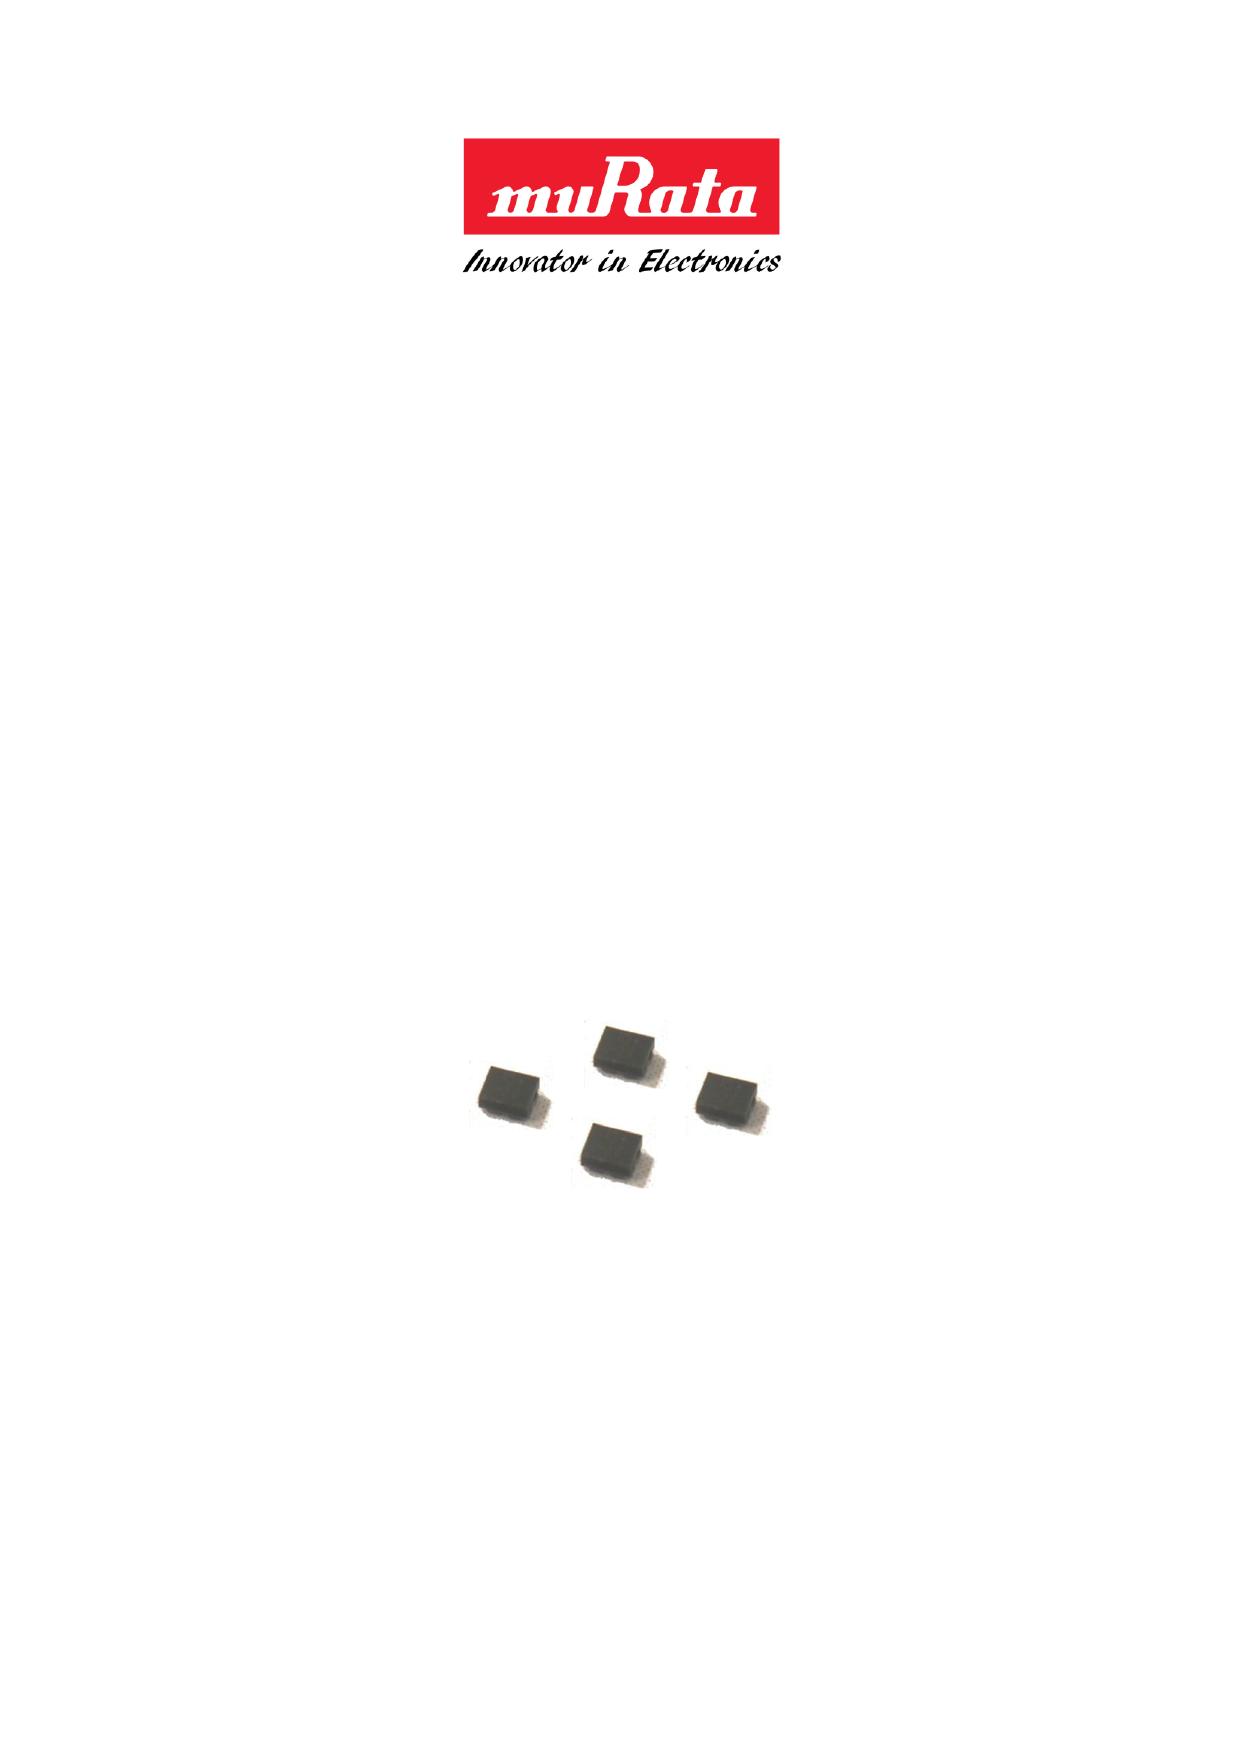 SAFFB740MFA0F0A 데이터시트 및 SAFFB740MFA0F0A PDF